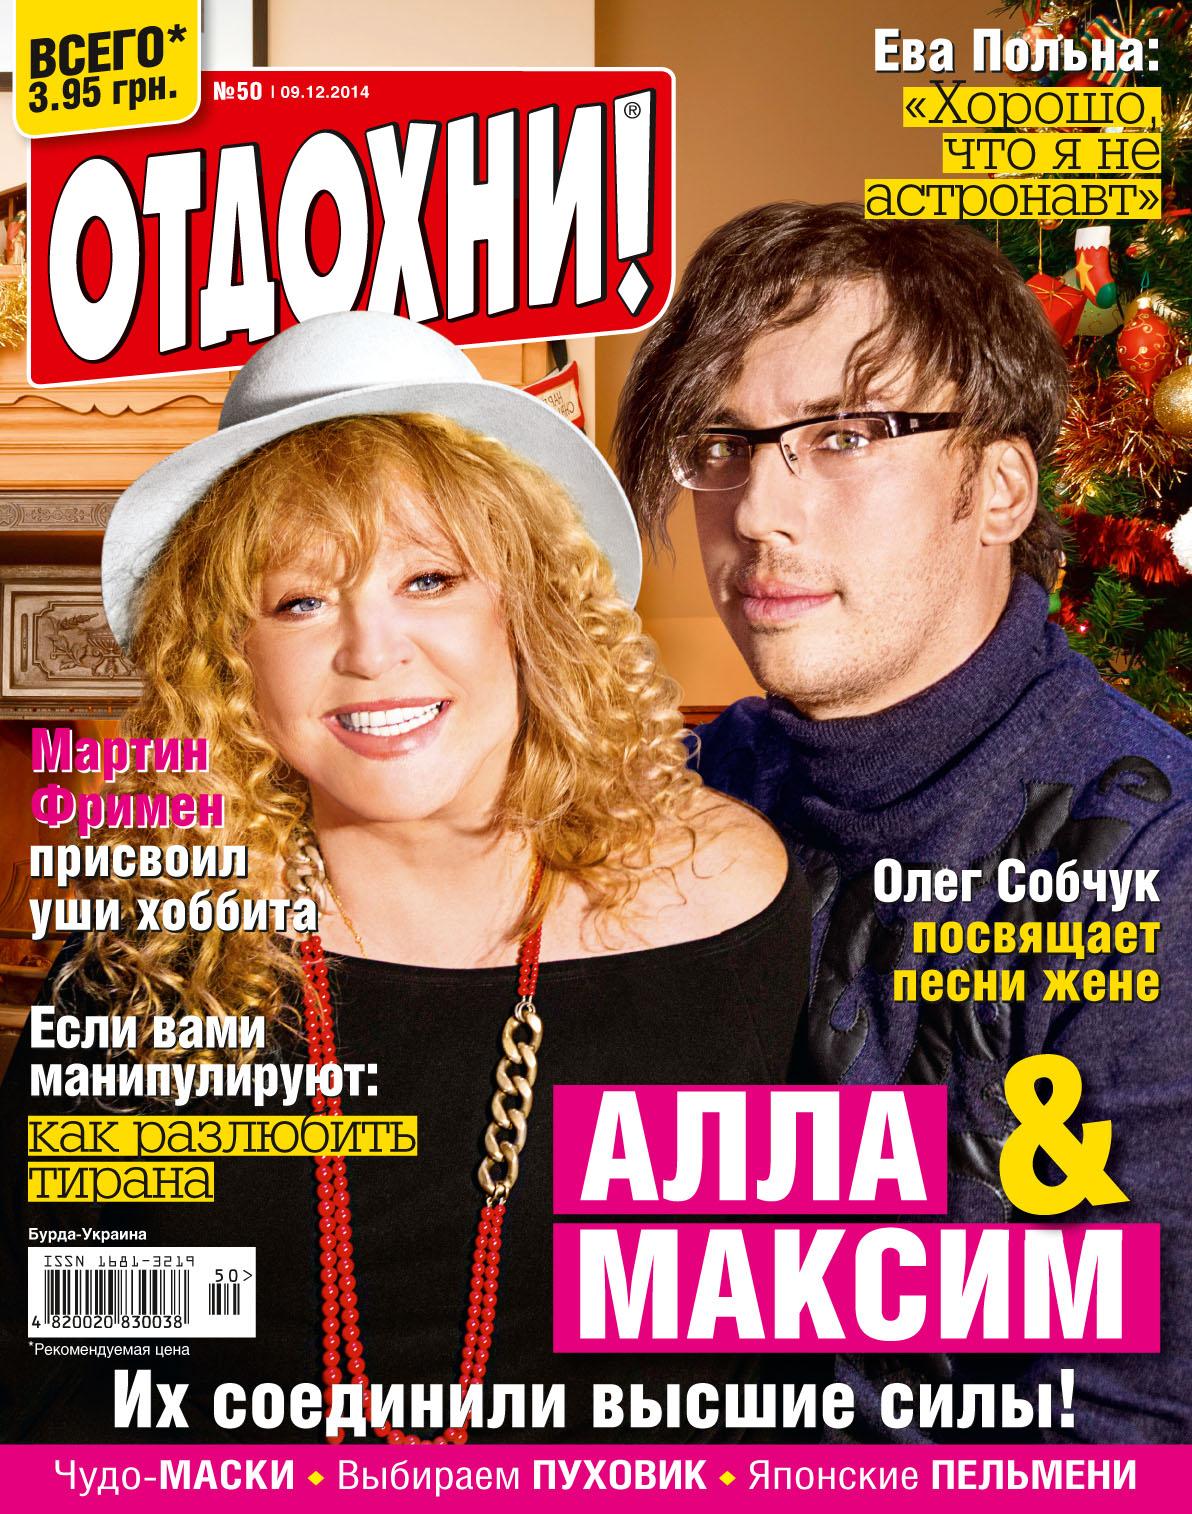 http://sa.uploads.ru/GawcV.jpg